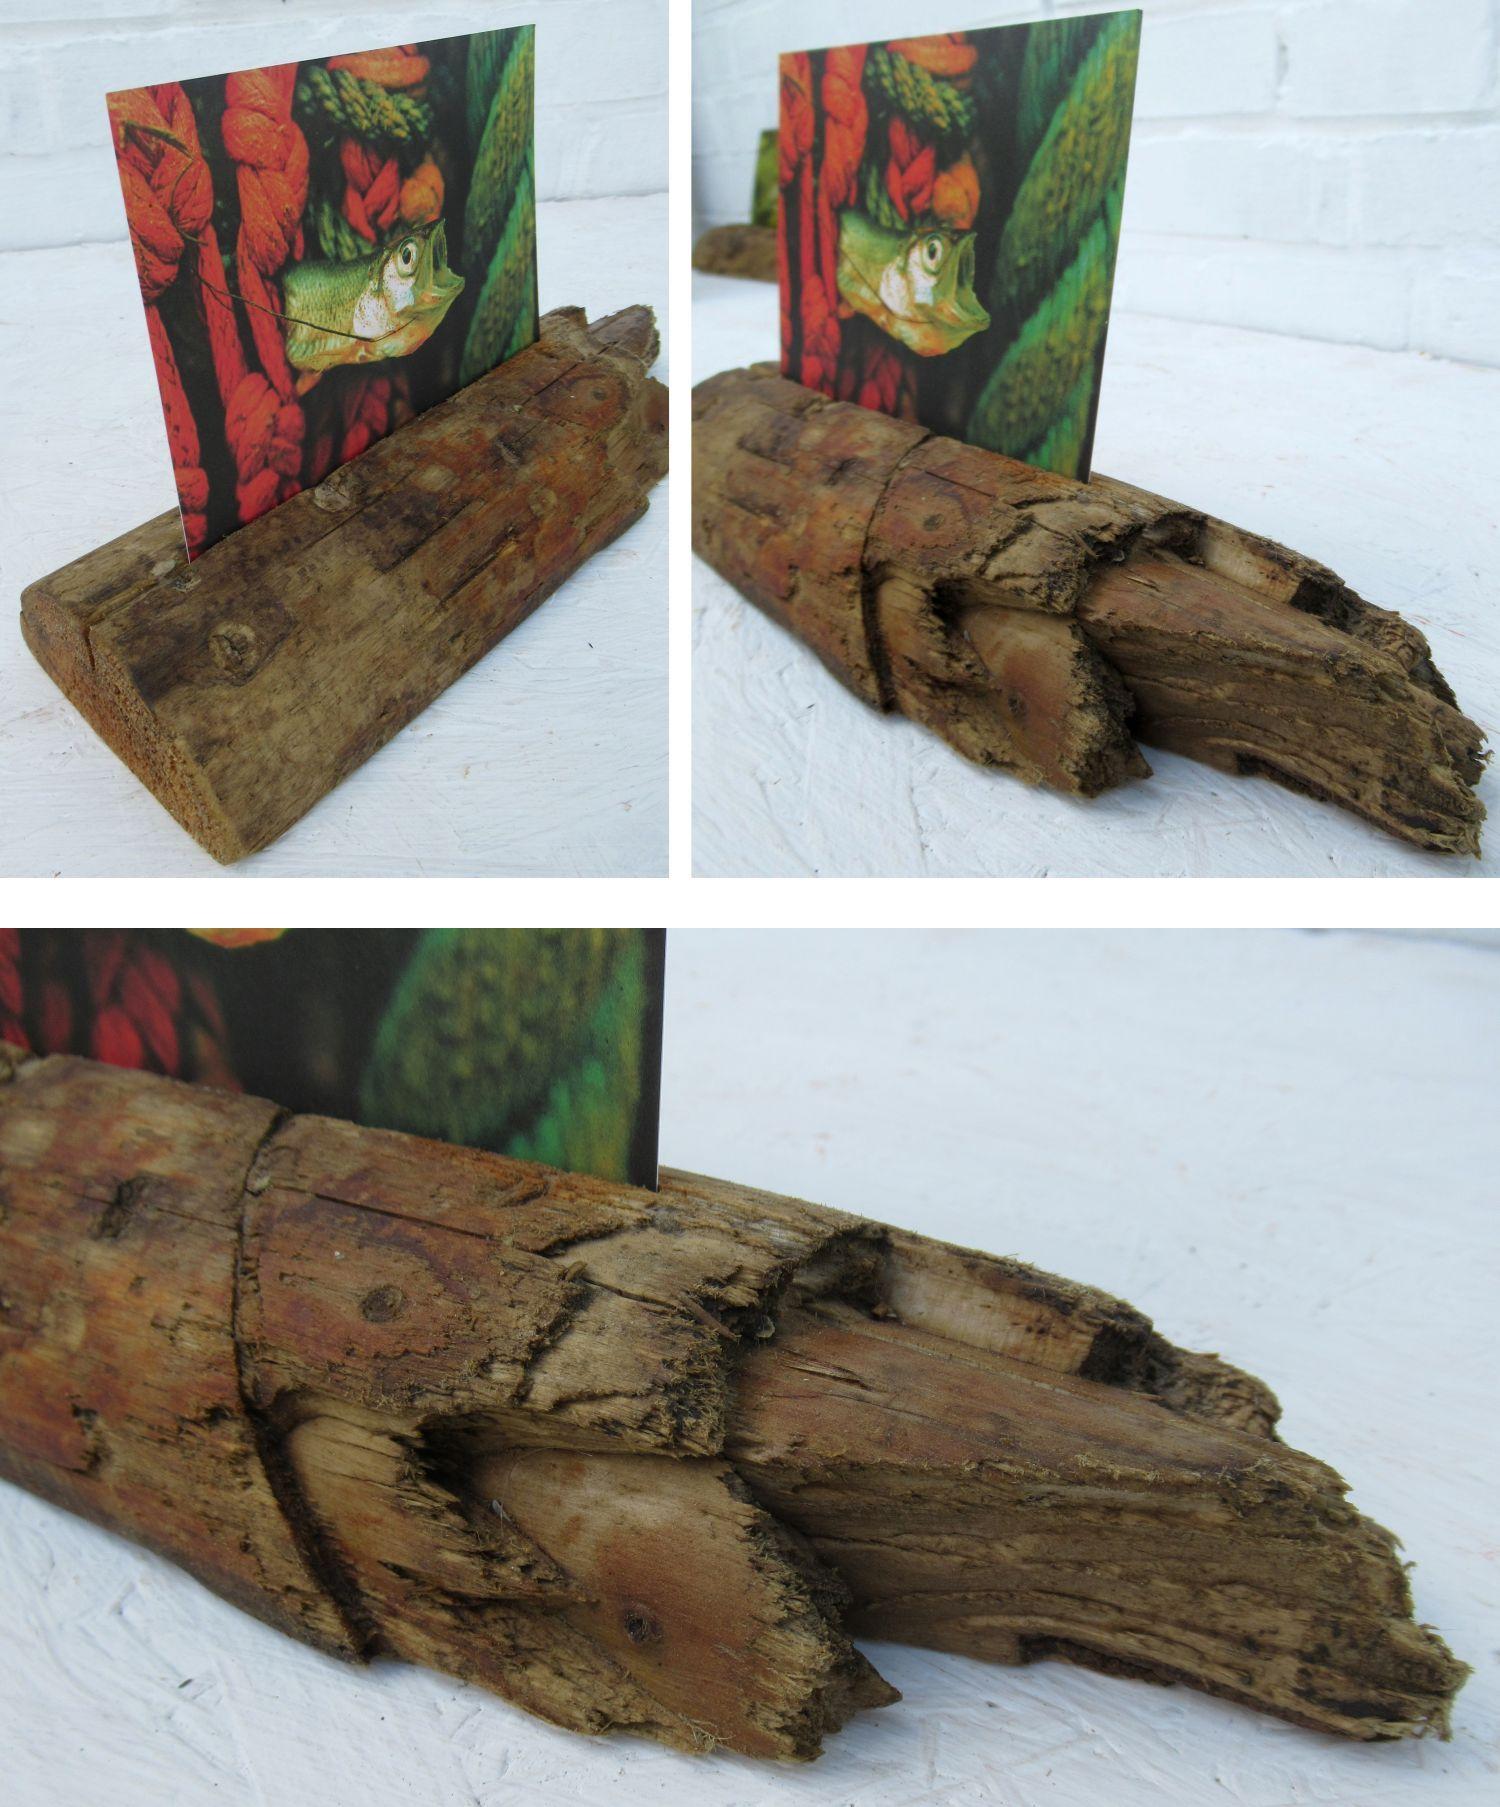 Treibholz mit seinen wunderbaren Strukturen eignen sich zum Selbermachen von Wohnaccessoires